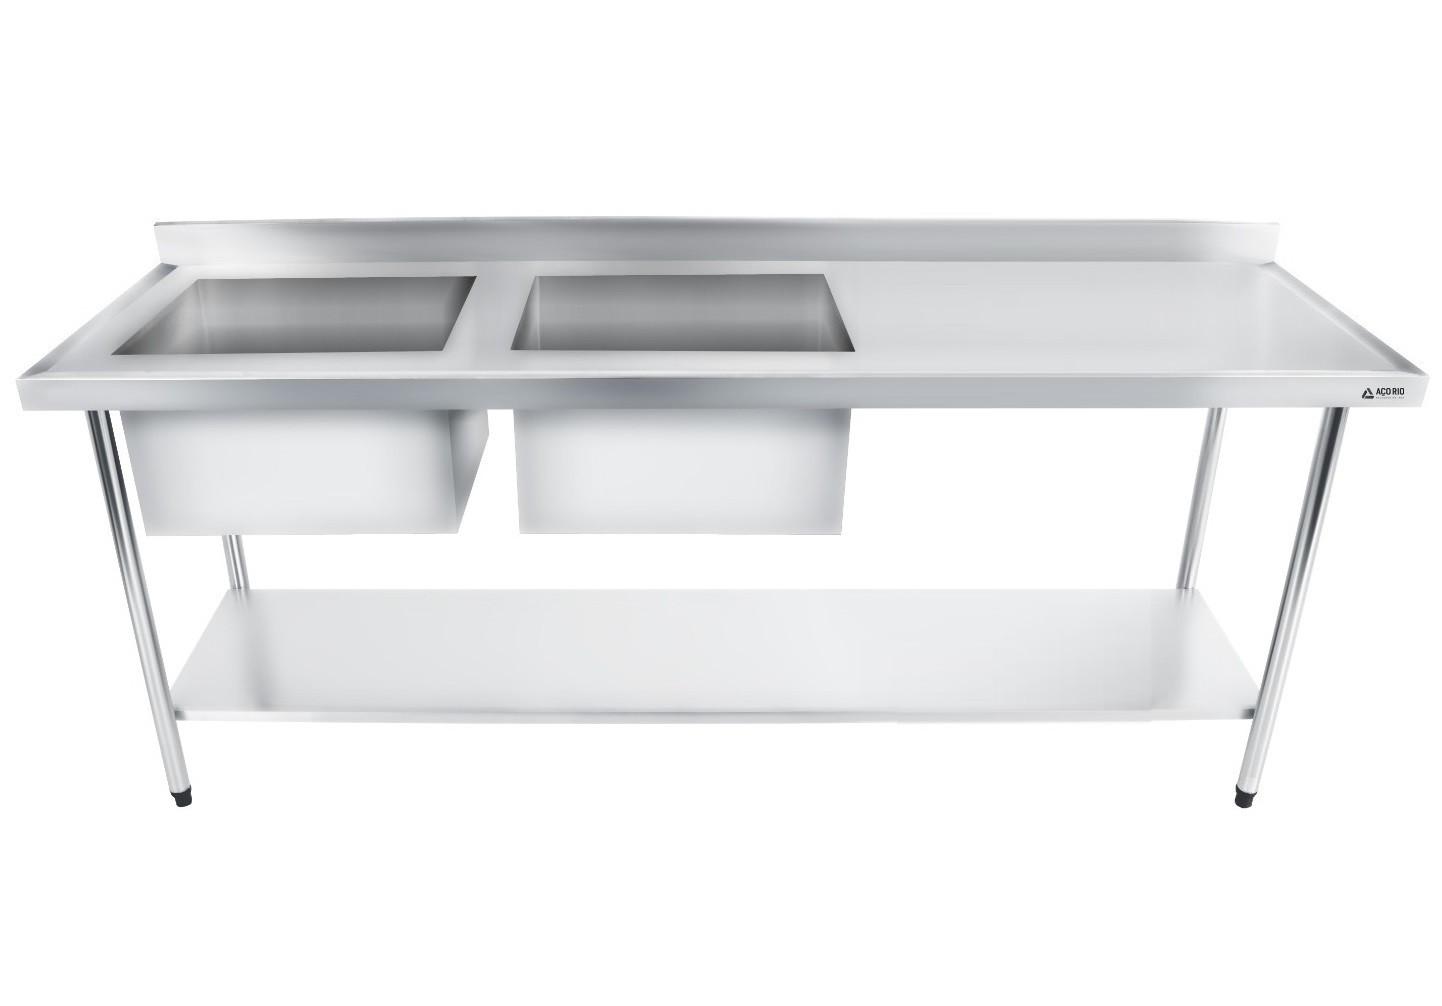 Bancada / Mesa Pia Em Aço Inox com Duas Cubas (50x40x25) A Esquerda E Prateleira (180x70x85)